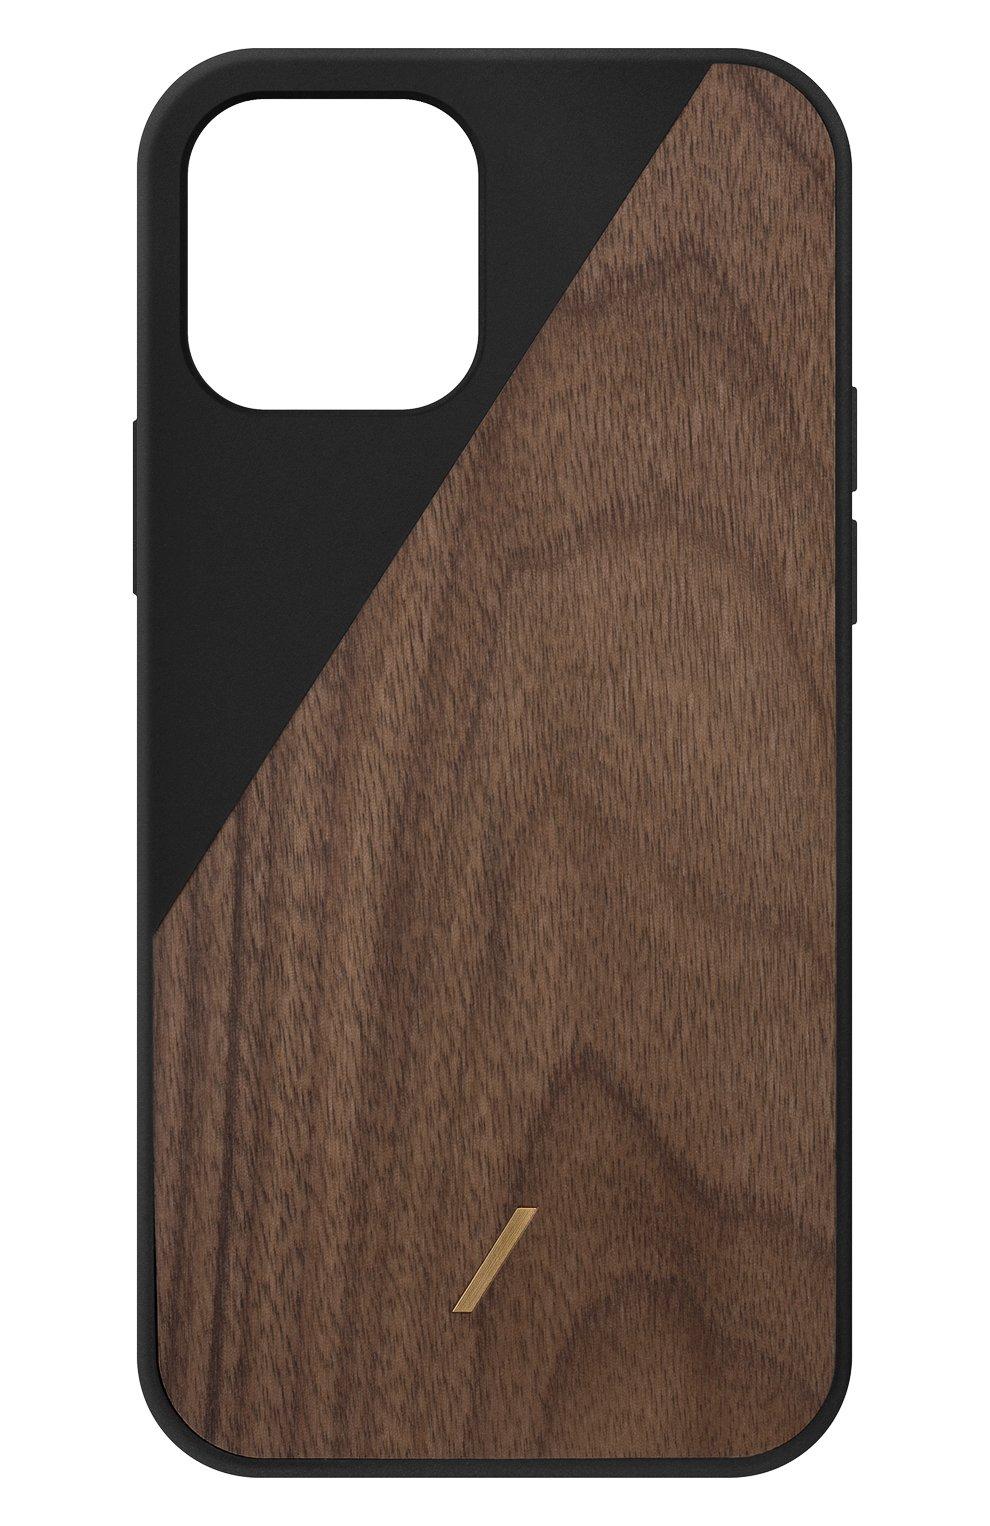 Чехол clic wooden для iphone 12 pro max  NATIVE UNION черного цвета, арт. CWOOD-BLK-NP20L   Фото 1